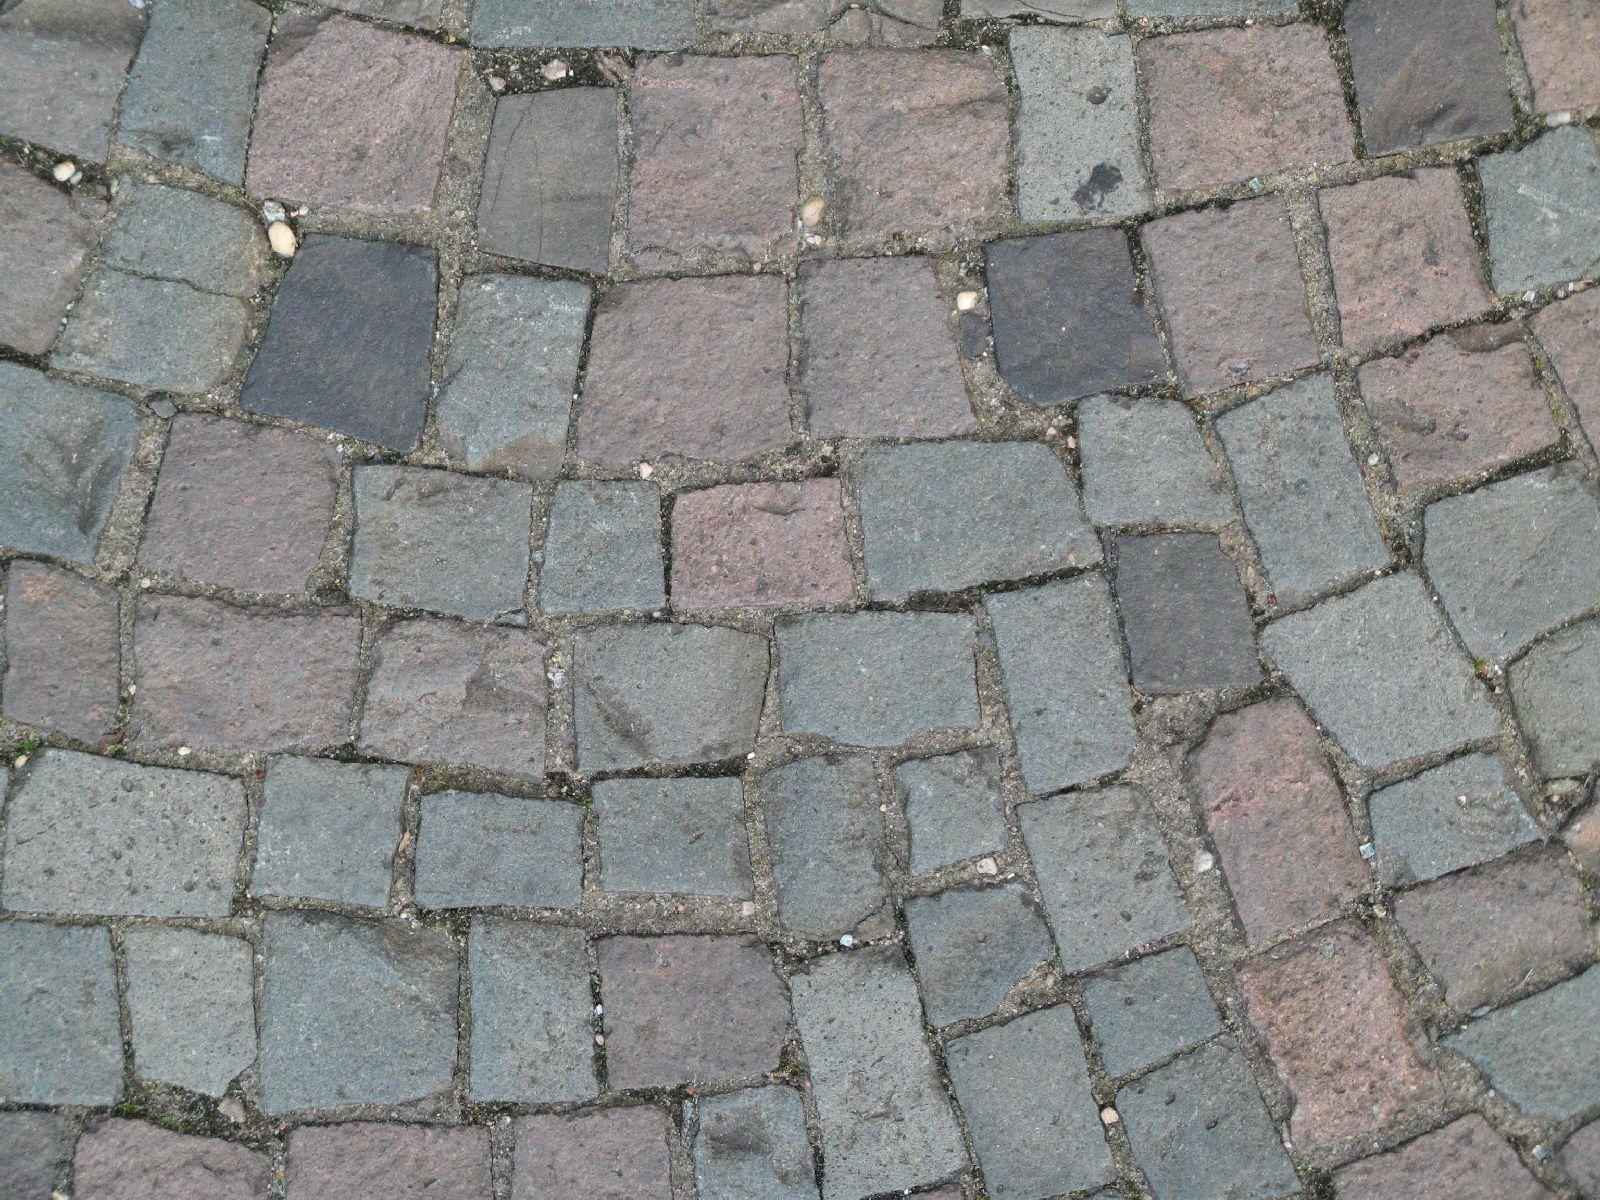 Boden-Gehweg-Strasse-Buergersteig-Textur_B_00669